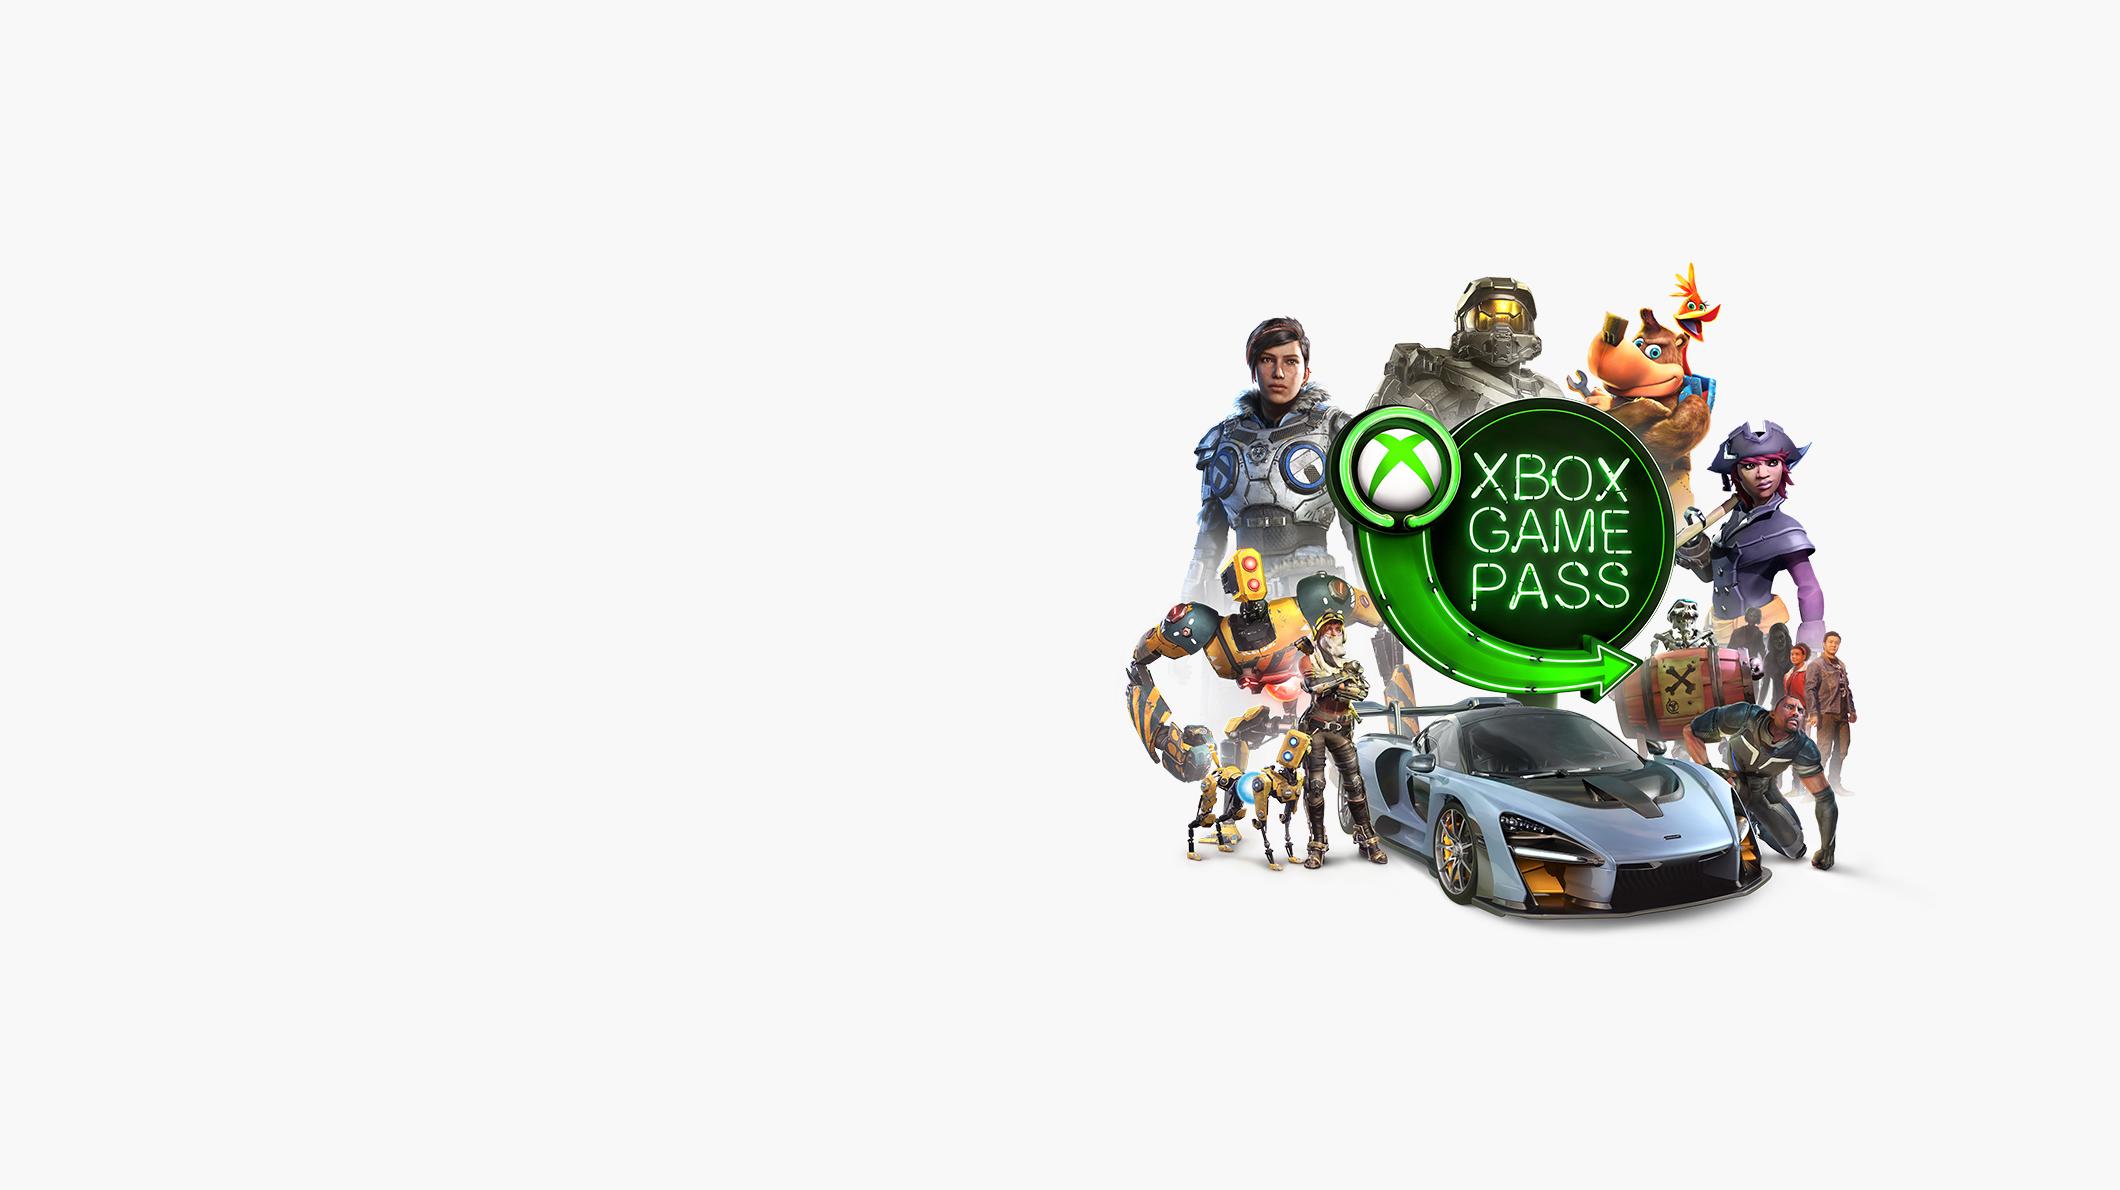 شعار Xbox Game Pass وحوله شخصيات رسومية